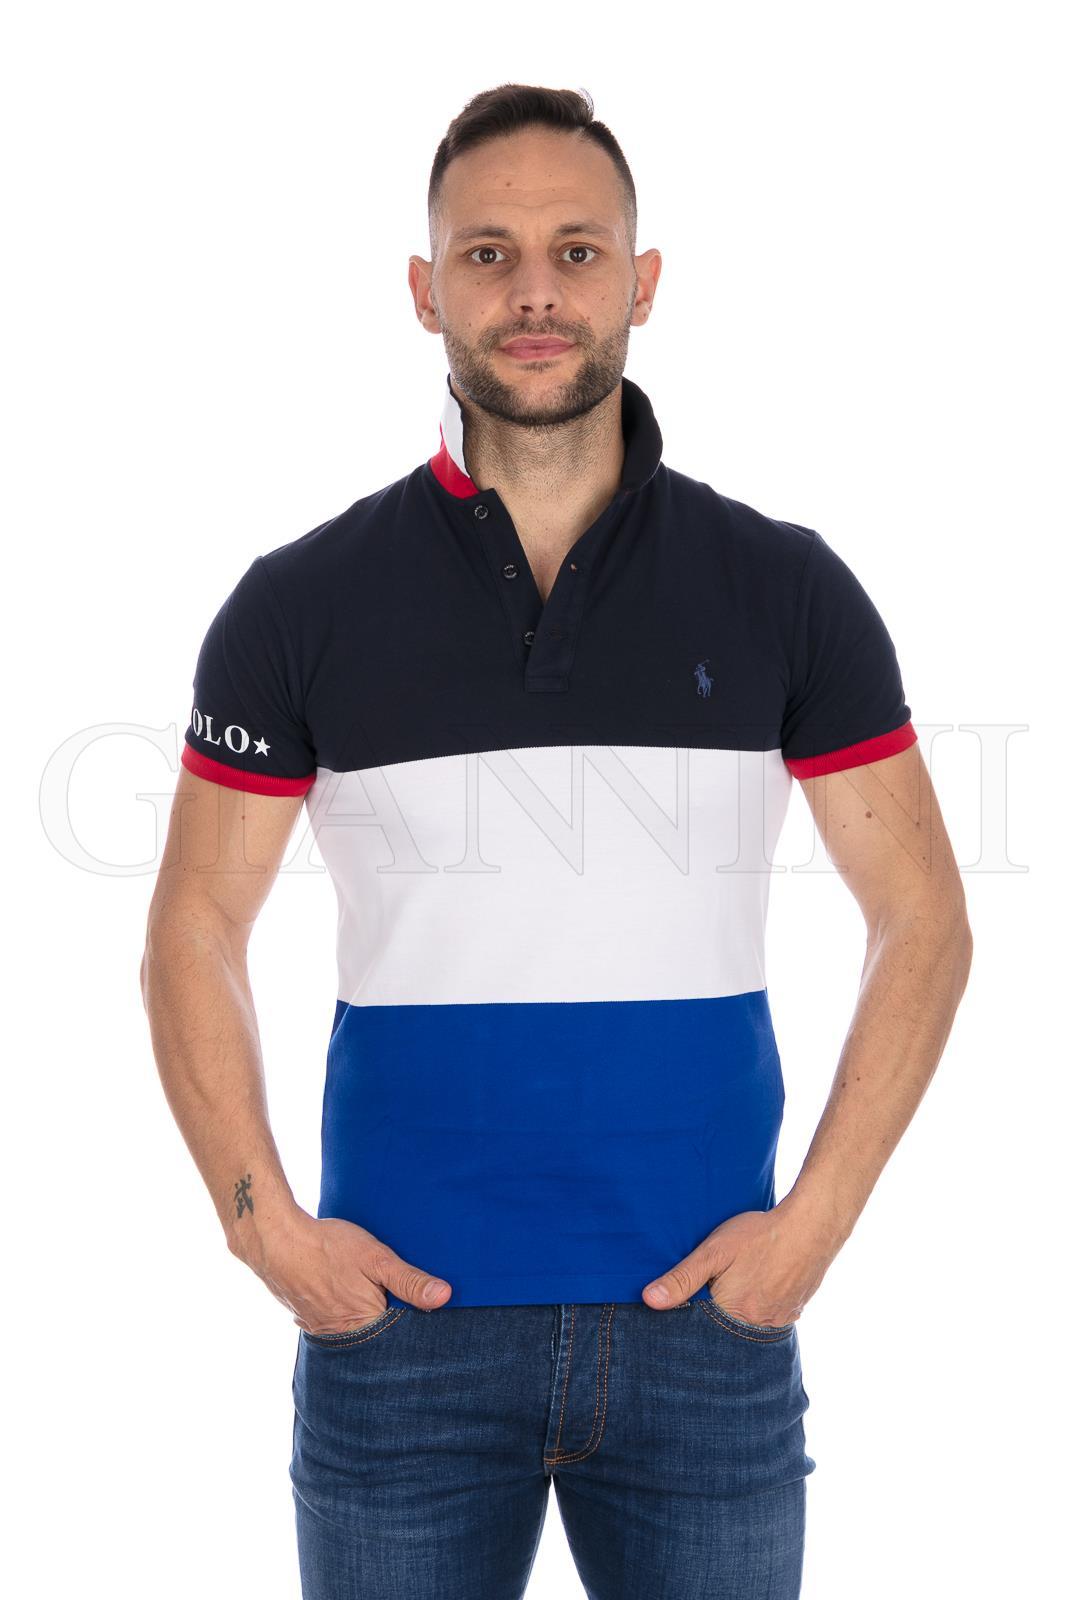 b0d2eafd922b POLO RALPH LAUREN Polo shirt 710-753175 for Men | GianniniShopOnline.com